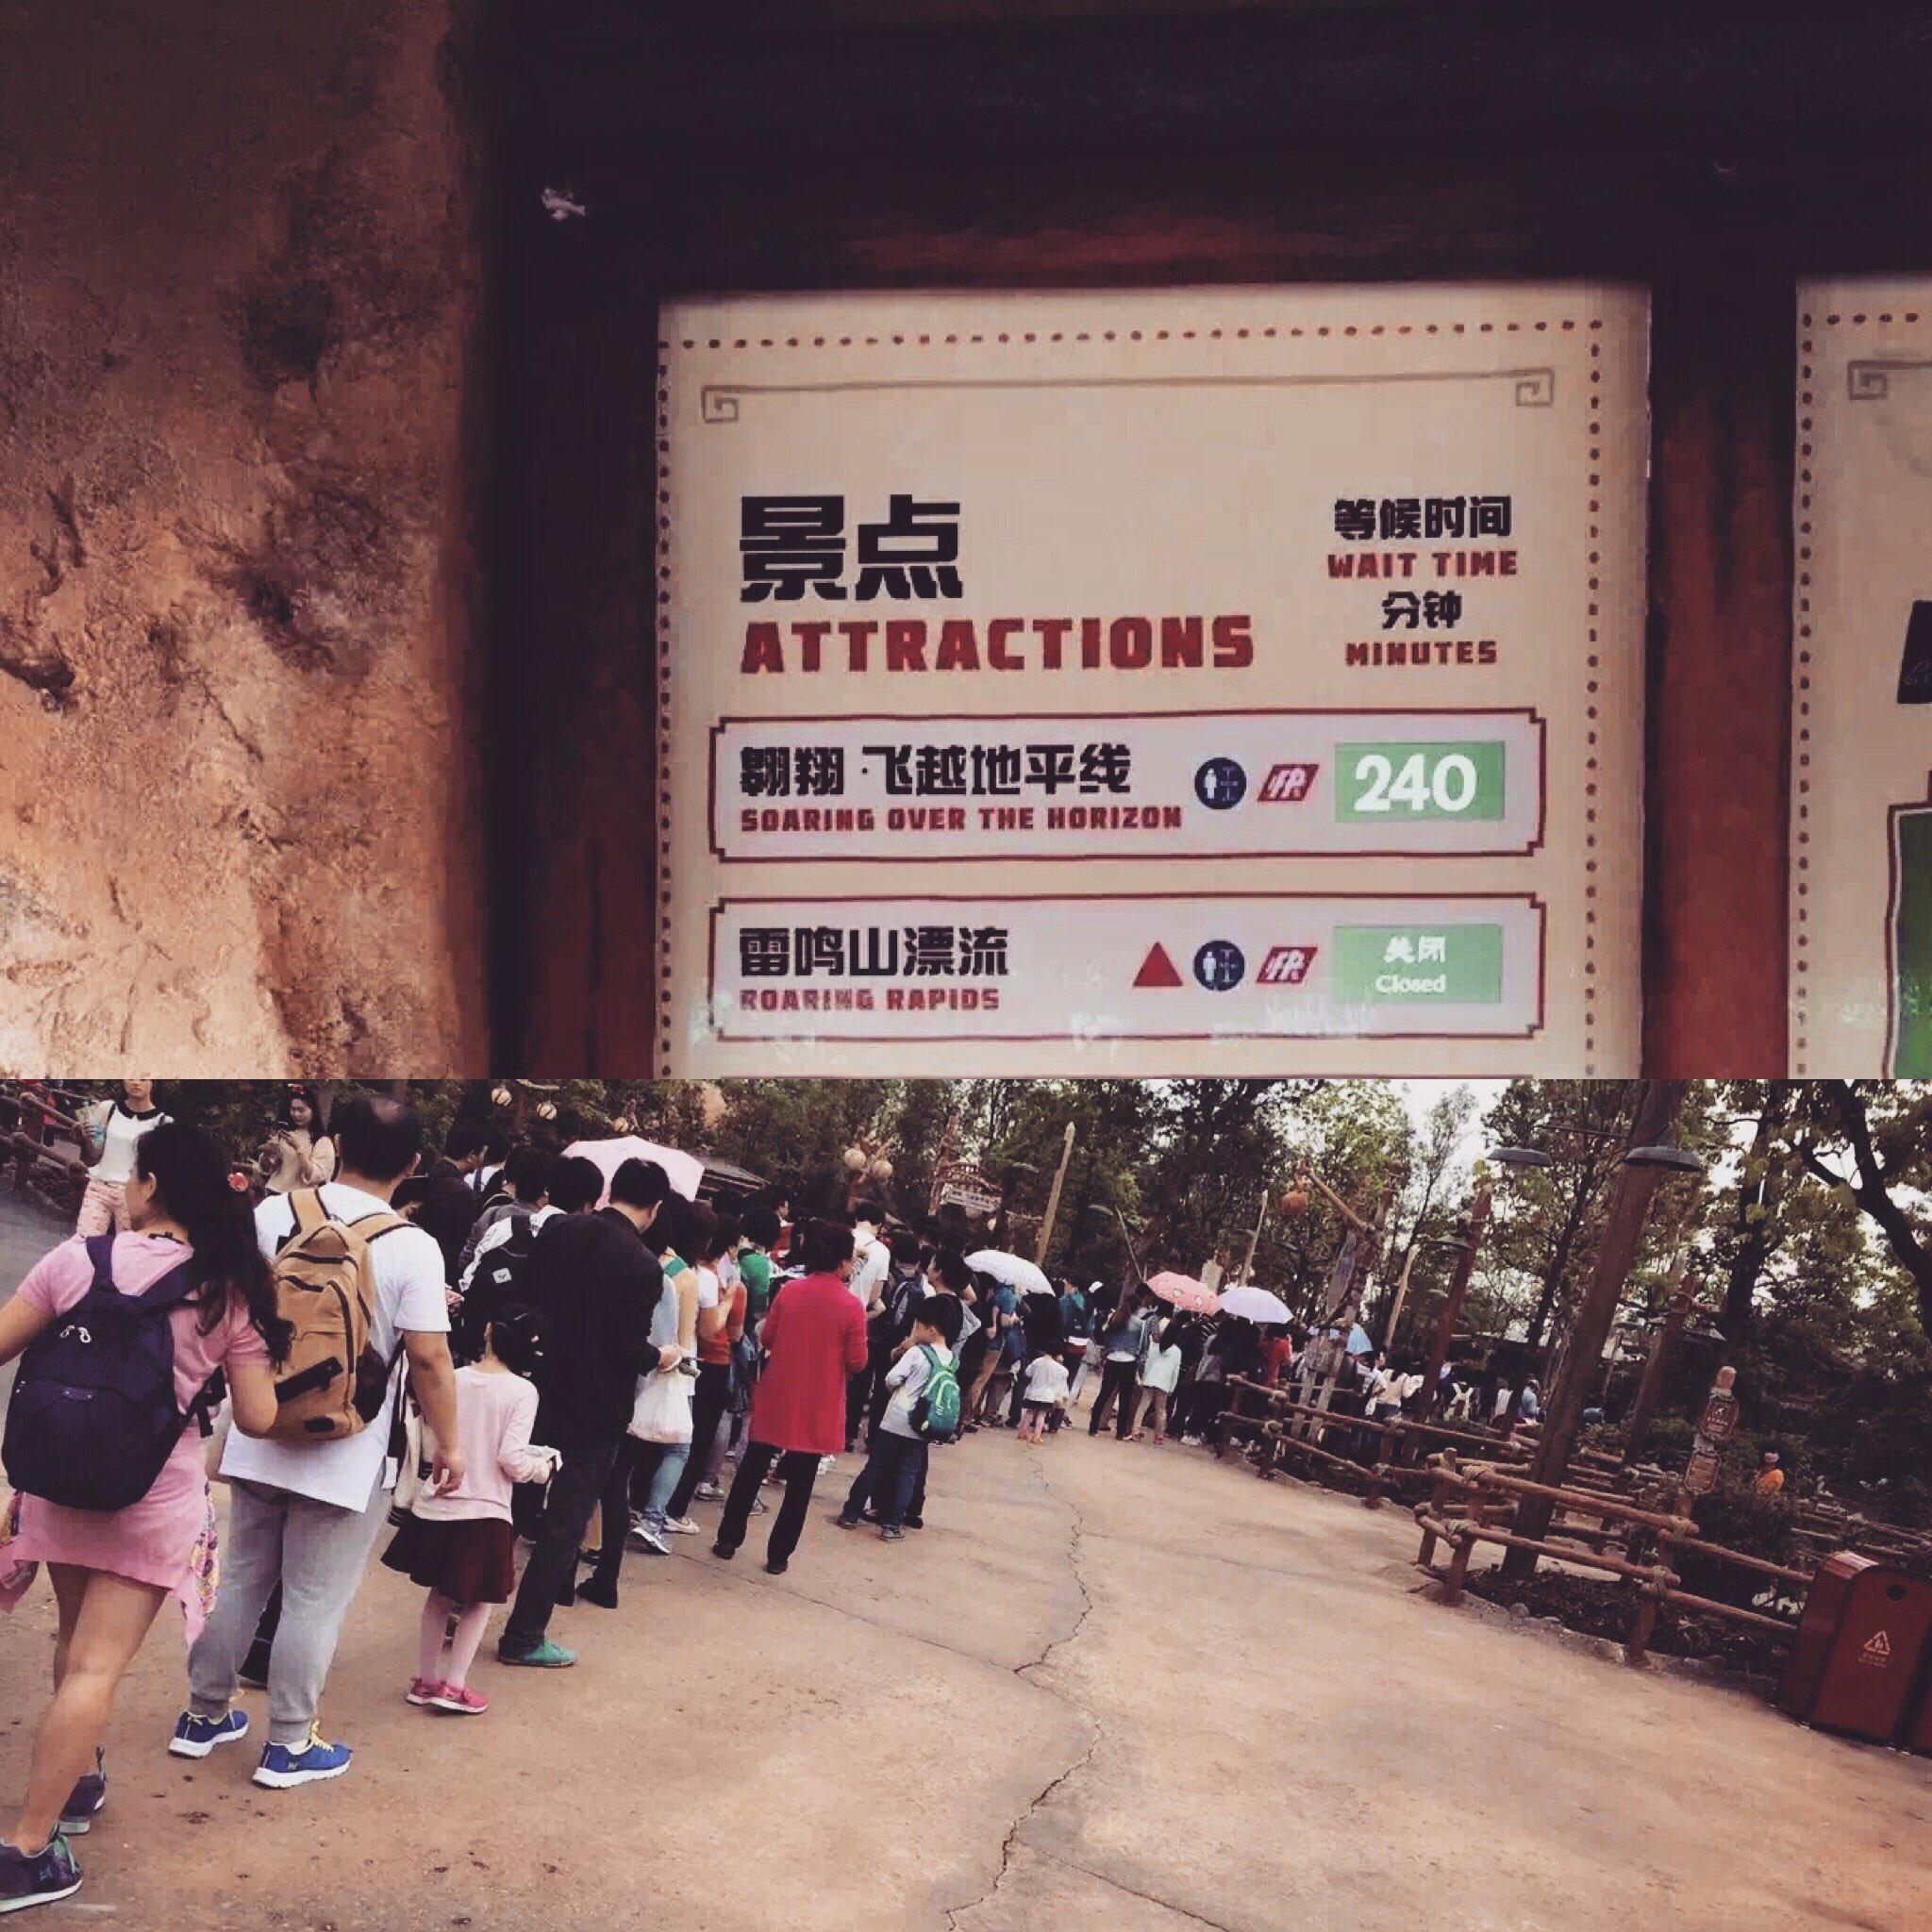 Shanghai Disneyland est-il en sous-capacité d'accueil ? CjCYzxpUkAAMjnJ